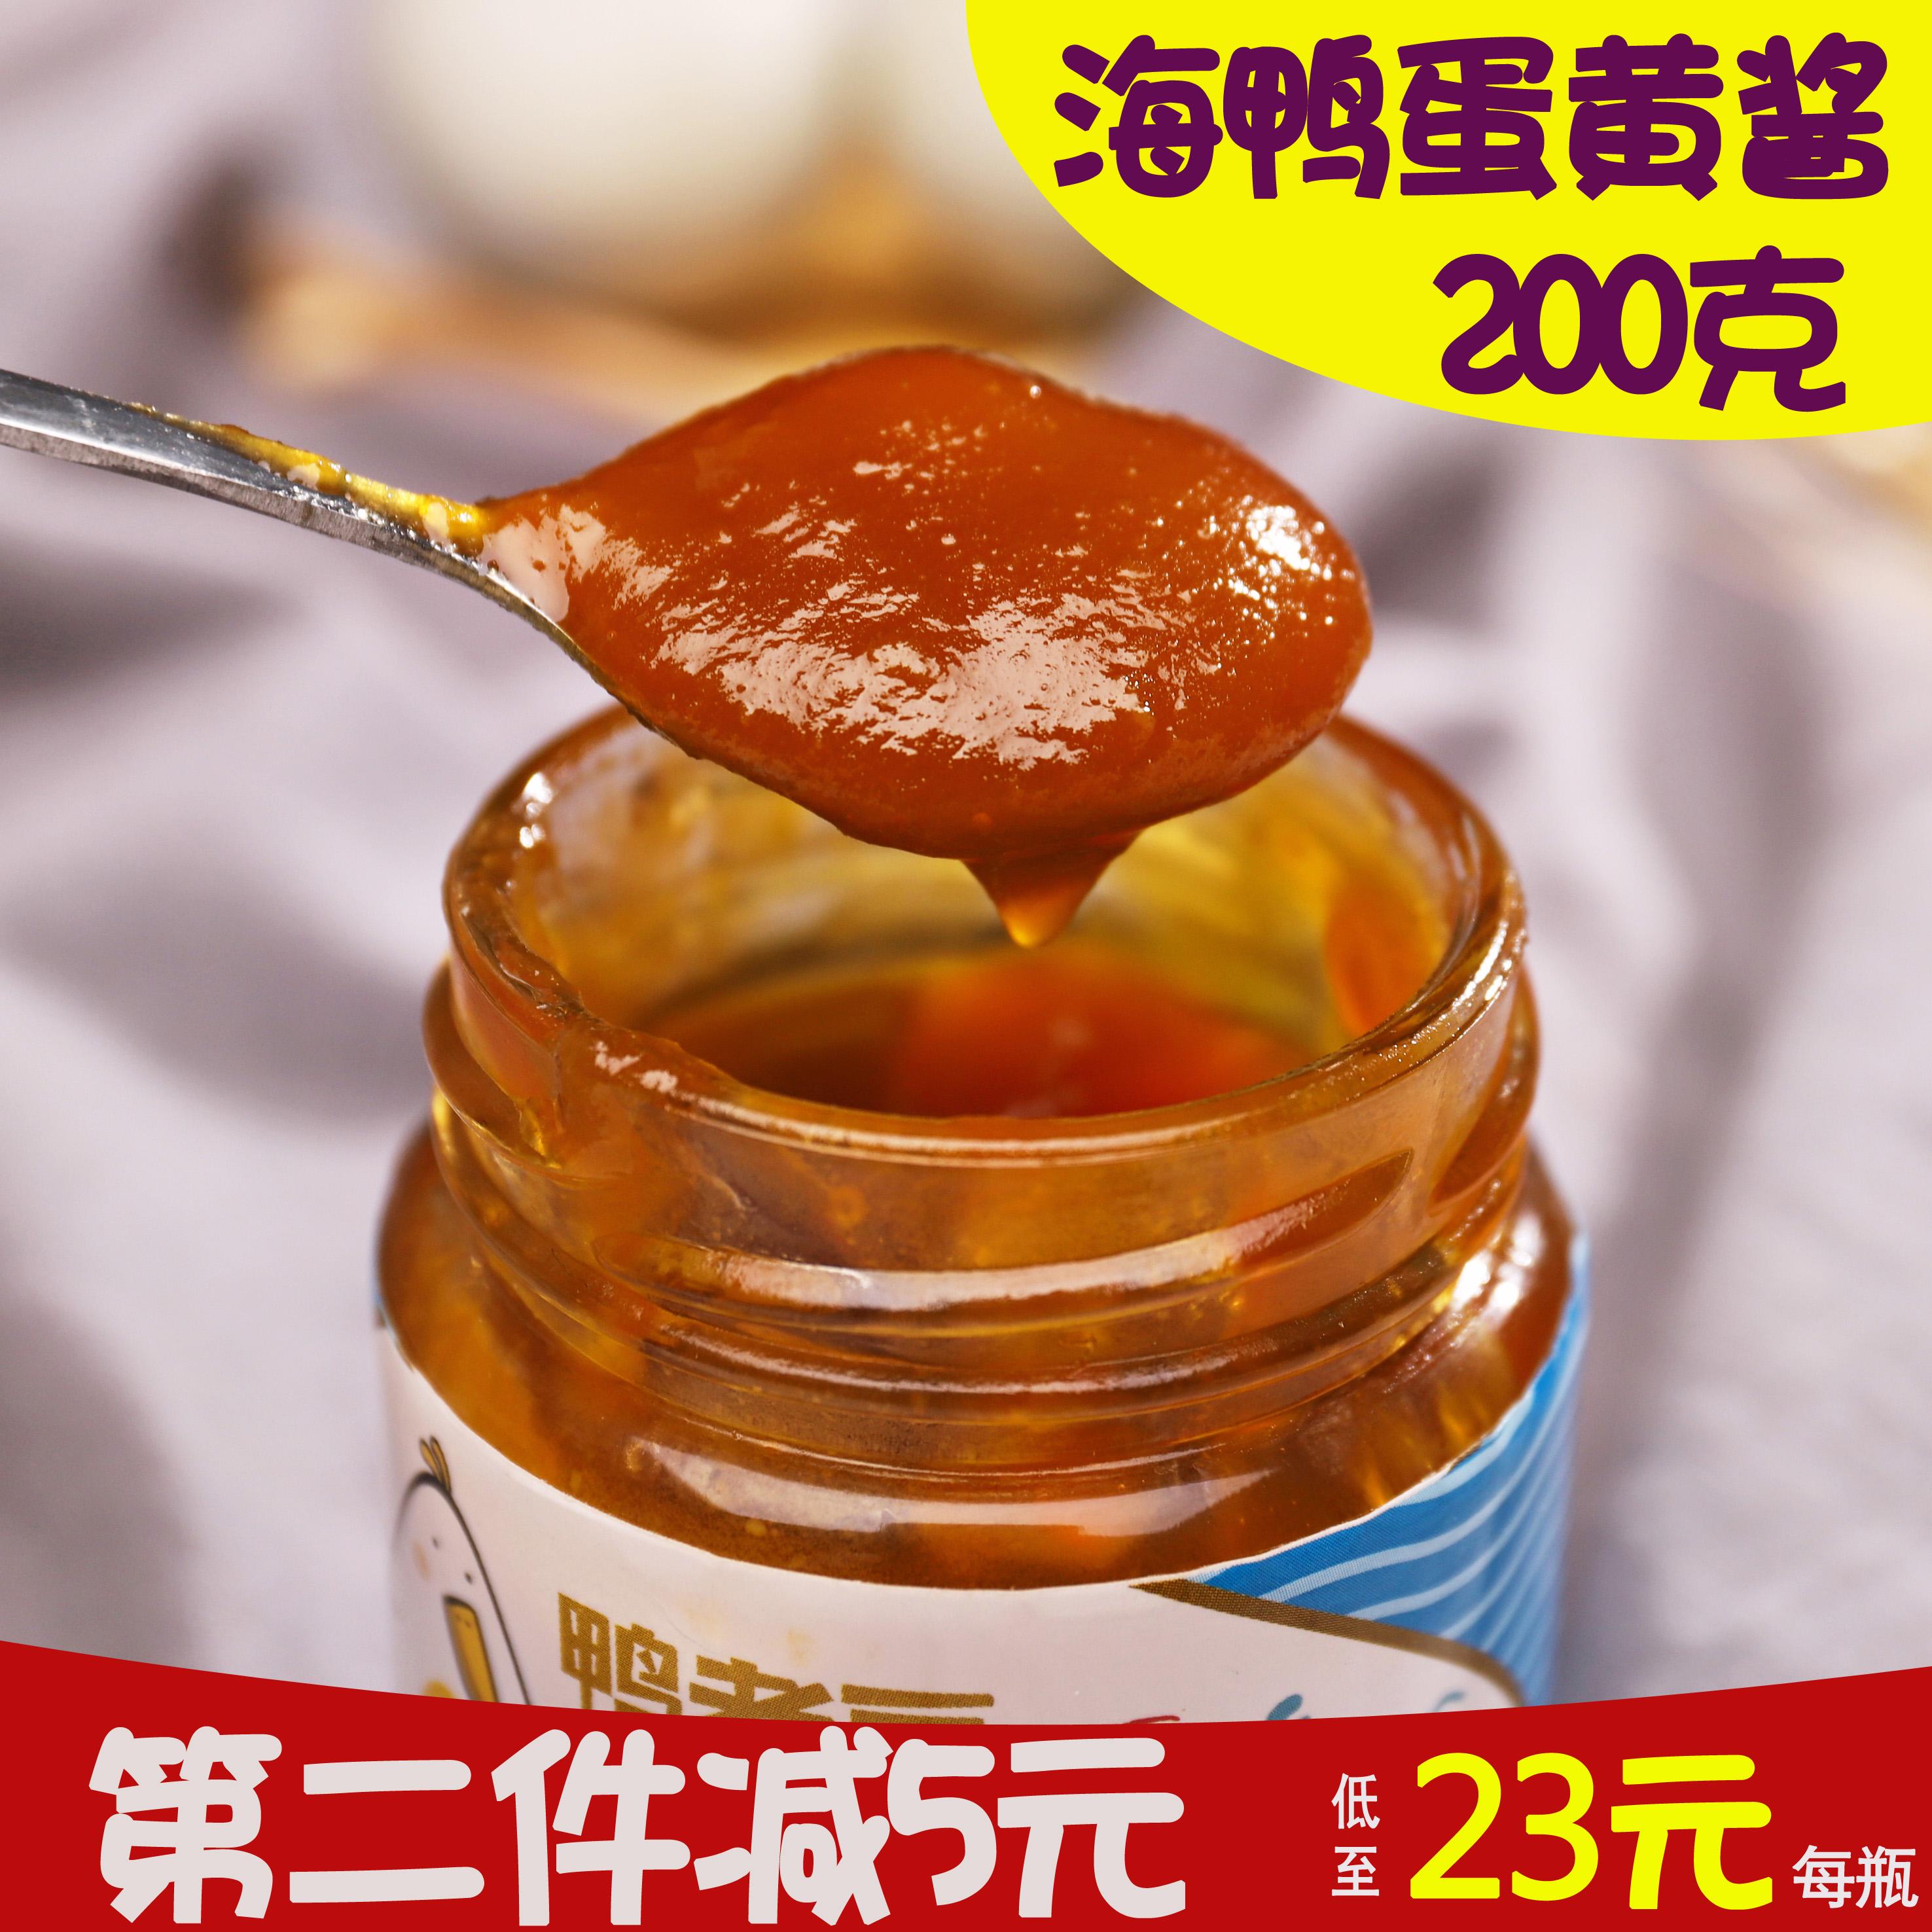 广西北海特产流沙网红海鸭蛋黄酱咸鸭蛋沙拉酱拌面拌饭酱200g包邮